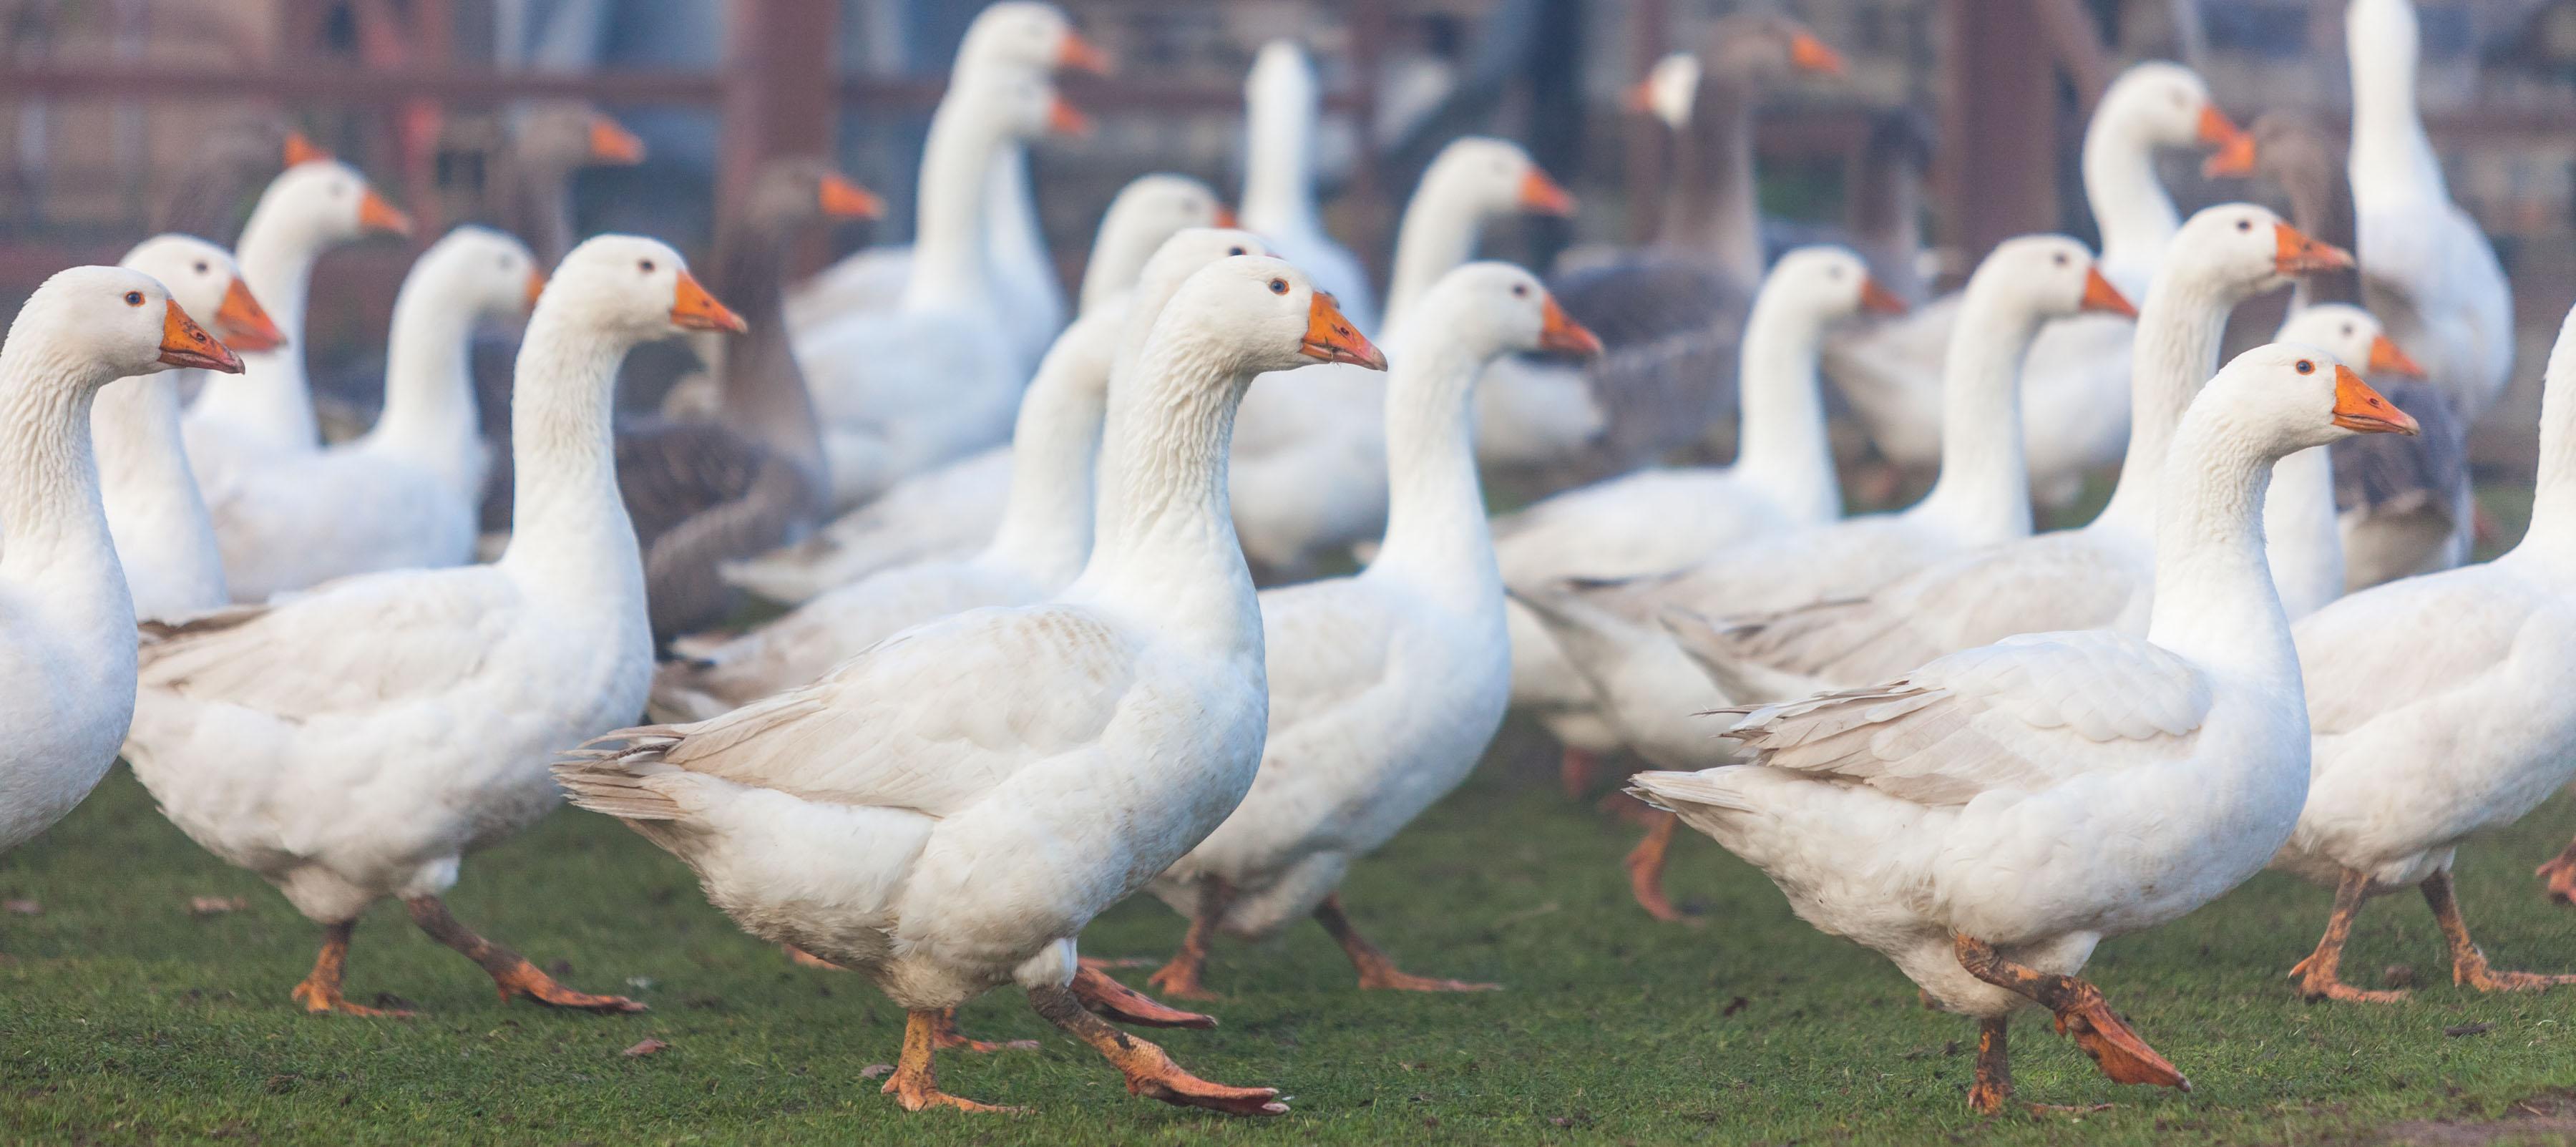 Der neue Vogelgrippevirus H5N8 sorgt für Aufregung im Land – kein Grund zur Panik, meint Gänsehalter Sven Voigt aus Tasdorf bei Neumünster